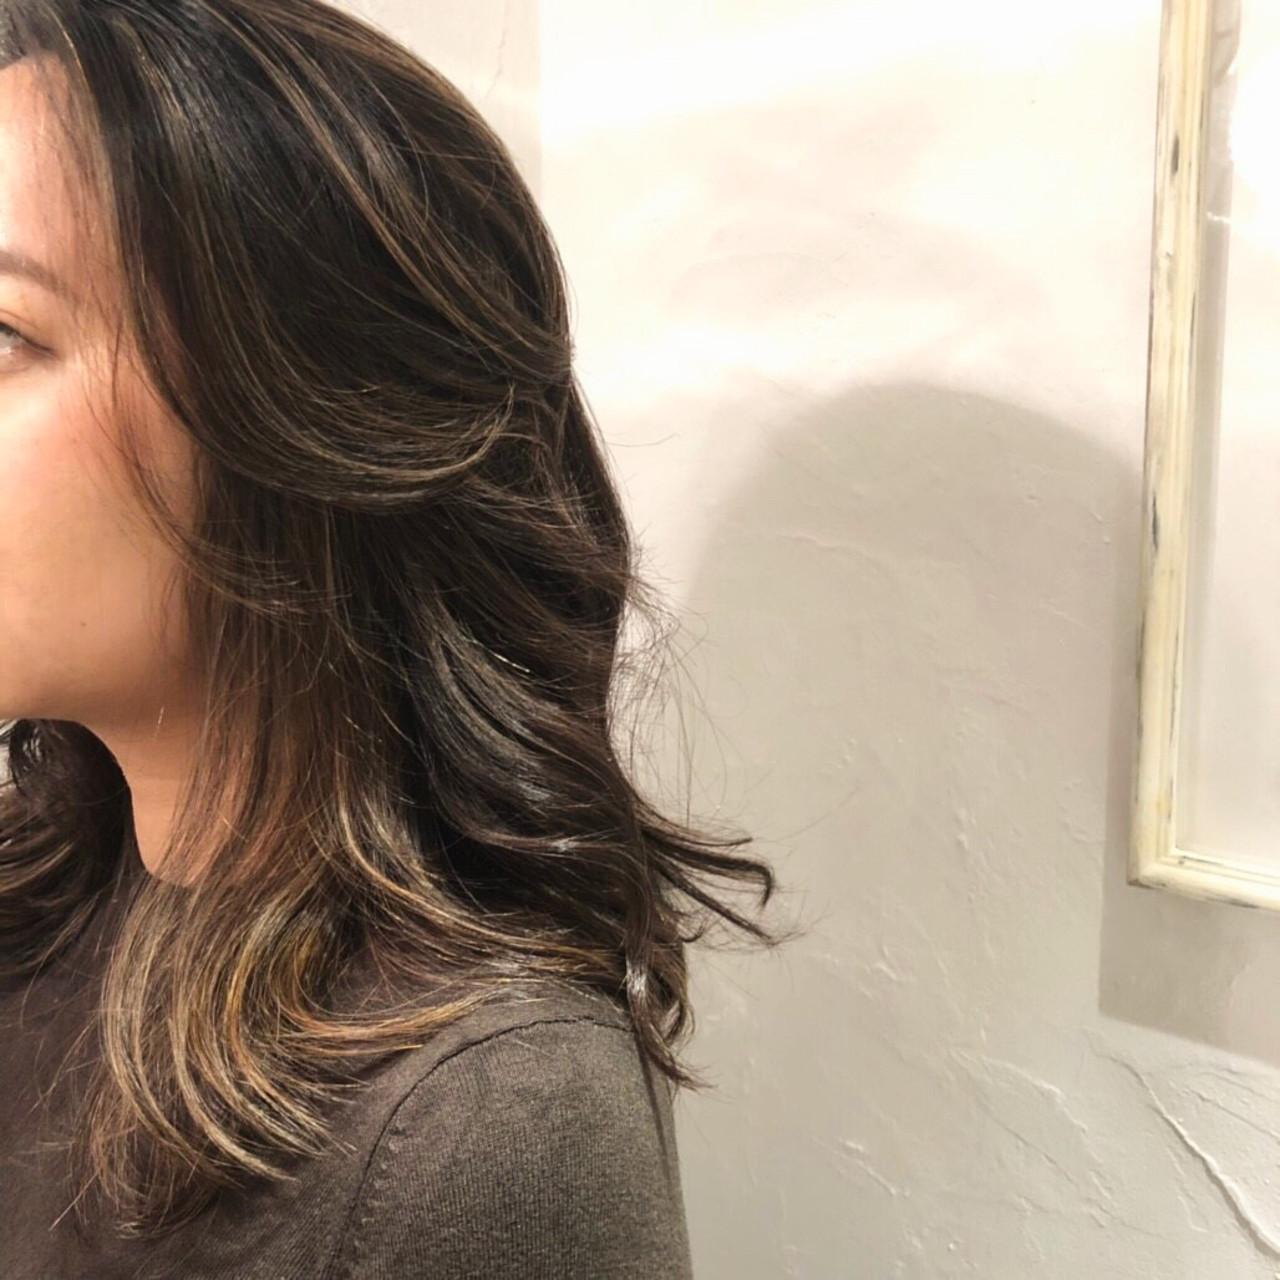 セミロング ハイライト 3Dハイライト 外国人風 ヘアスタイルや髪型の写真・画像